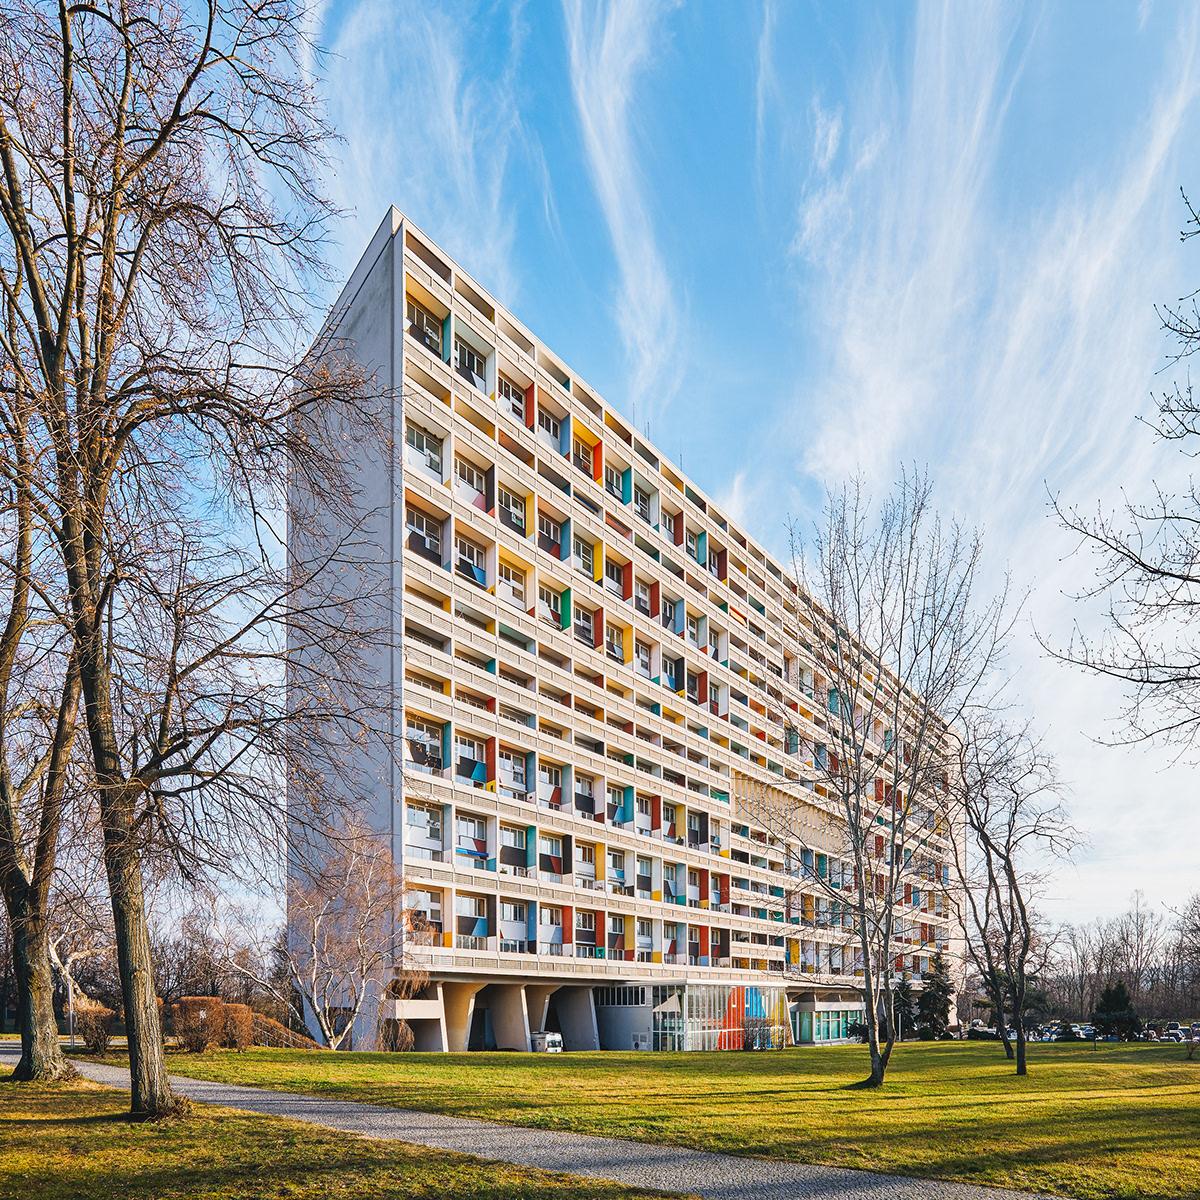 Le Corbusier Unite D Habitation unité d'habitation berlin on behance